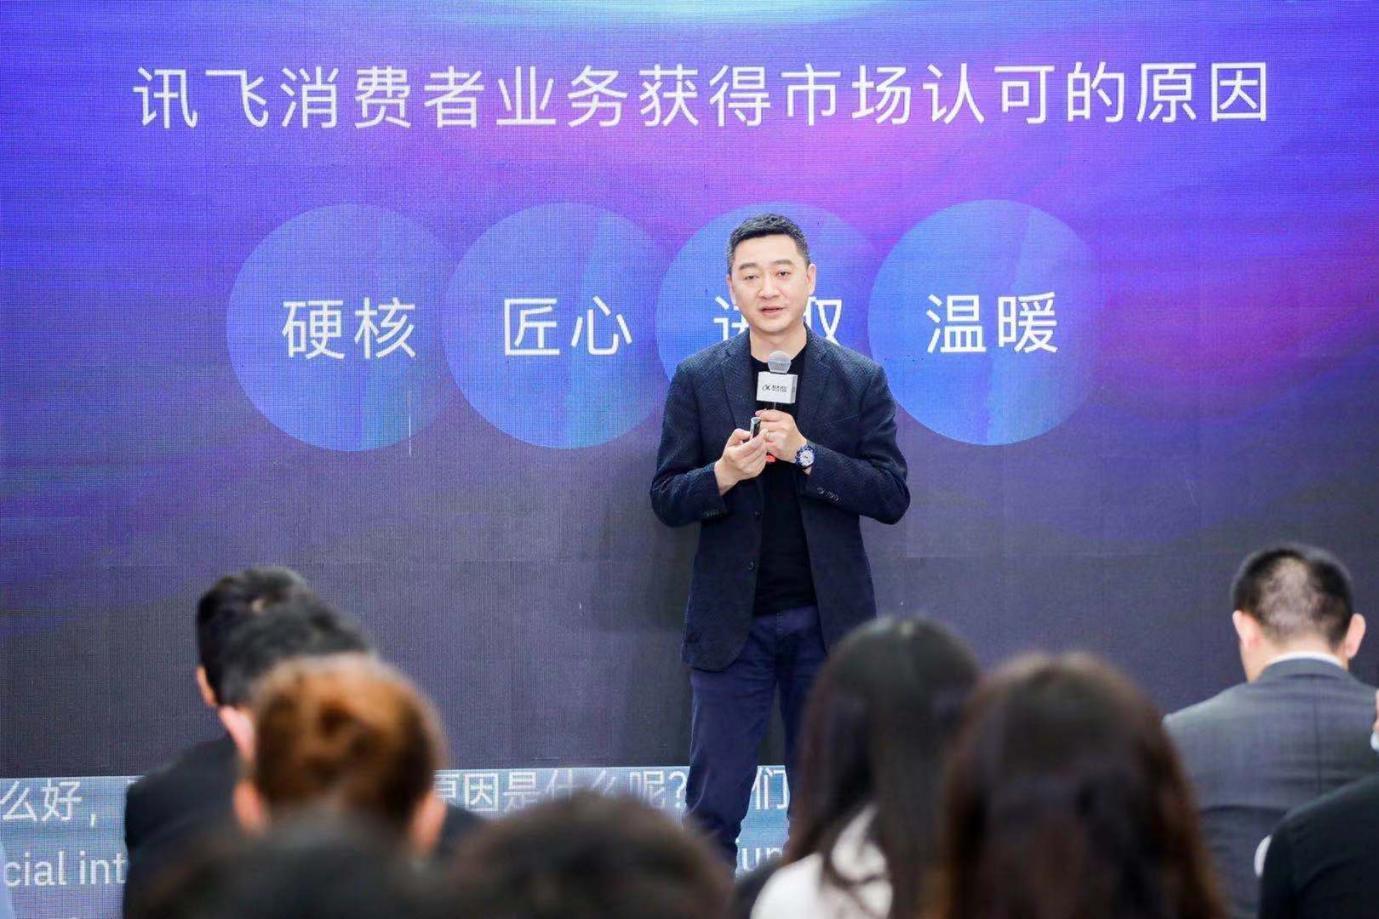 对话科大讯飞赵翔:加快拓展线下店,让消费者看得见摸得着人工智能